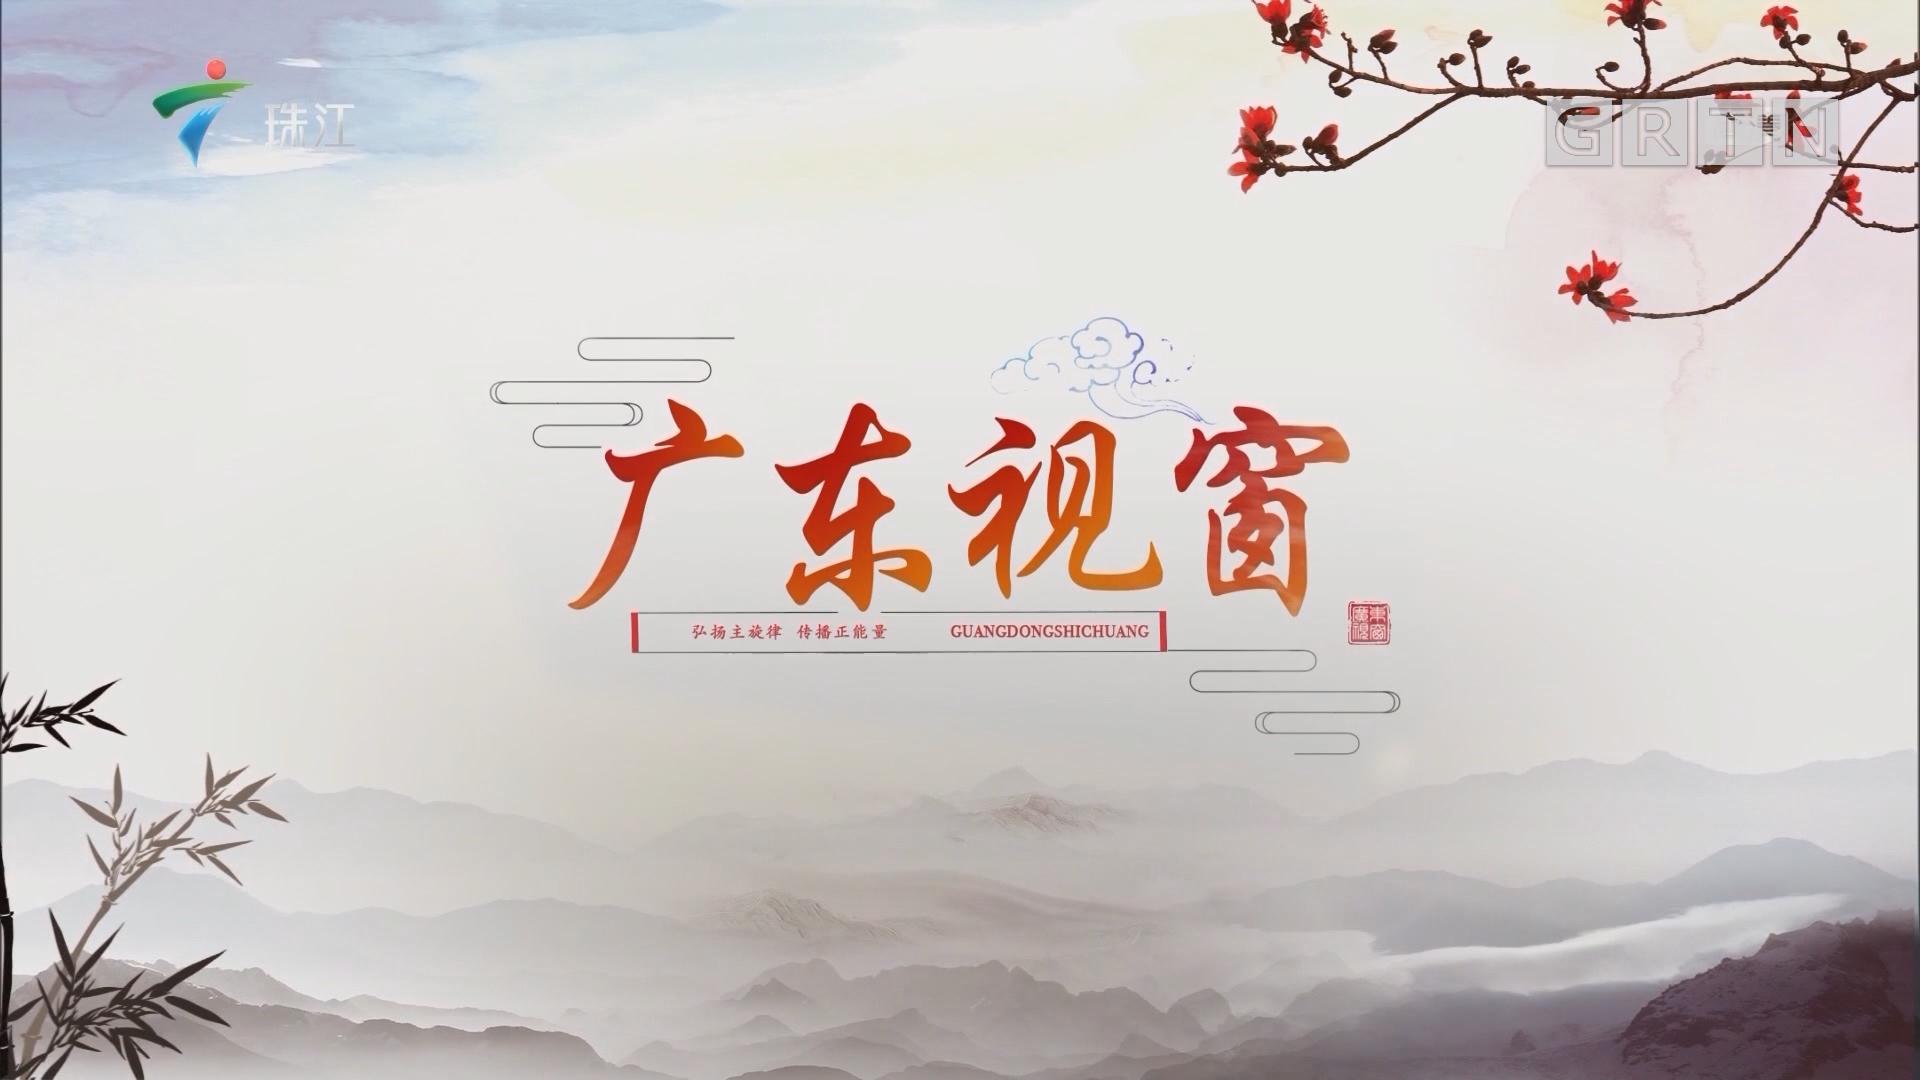 [HD][2019-11-30]广东视窗:江门鹤山:创新城乡水系统筹治理模式 沙坪河综合整治成效显著